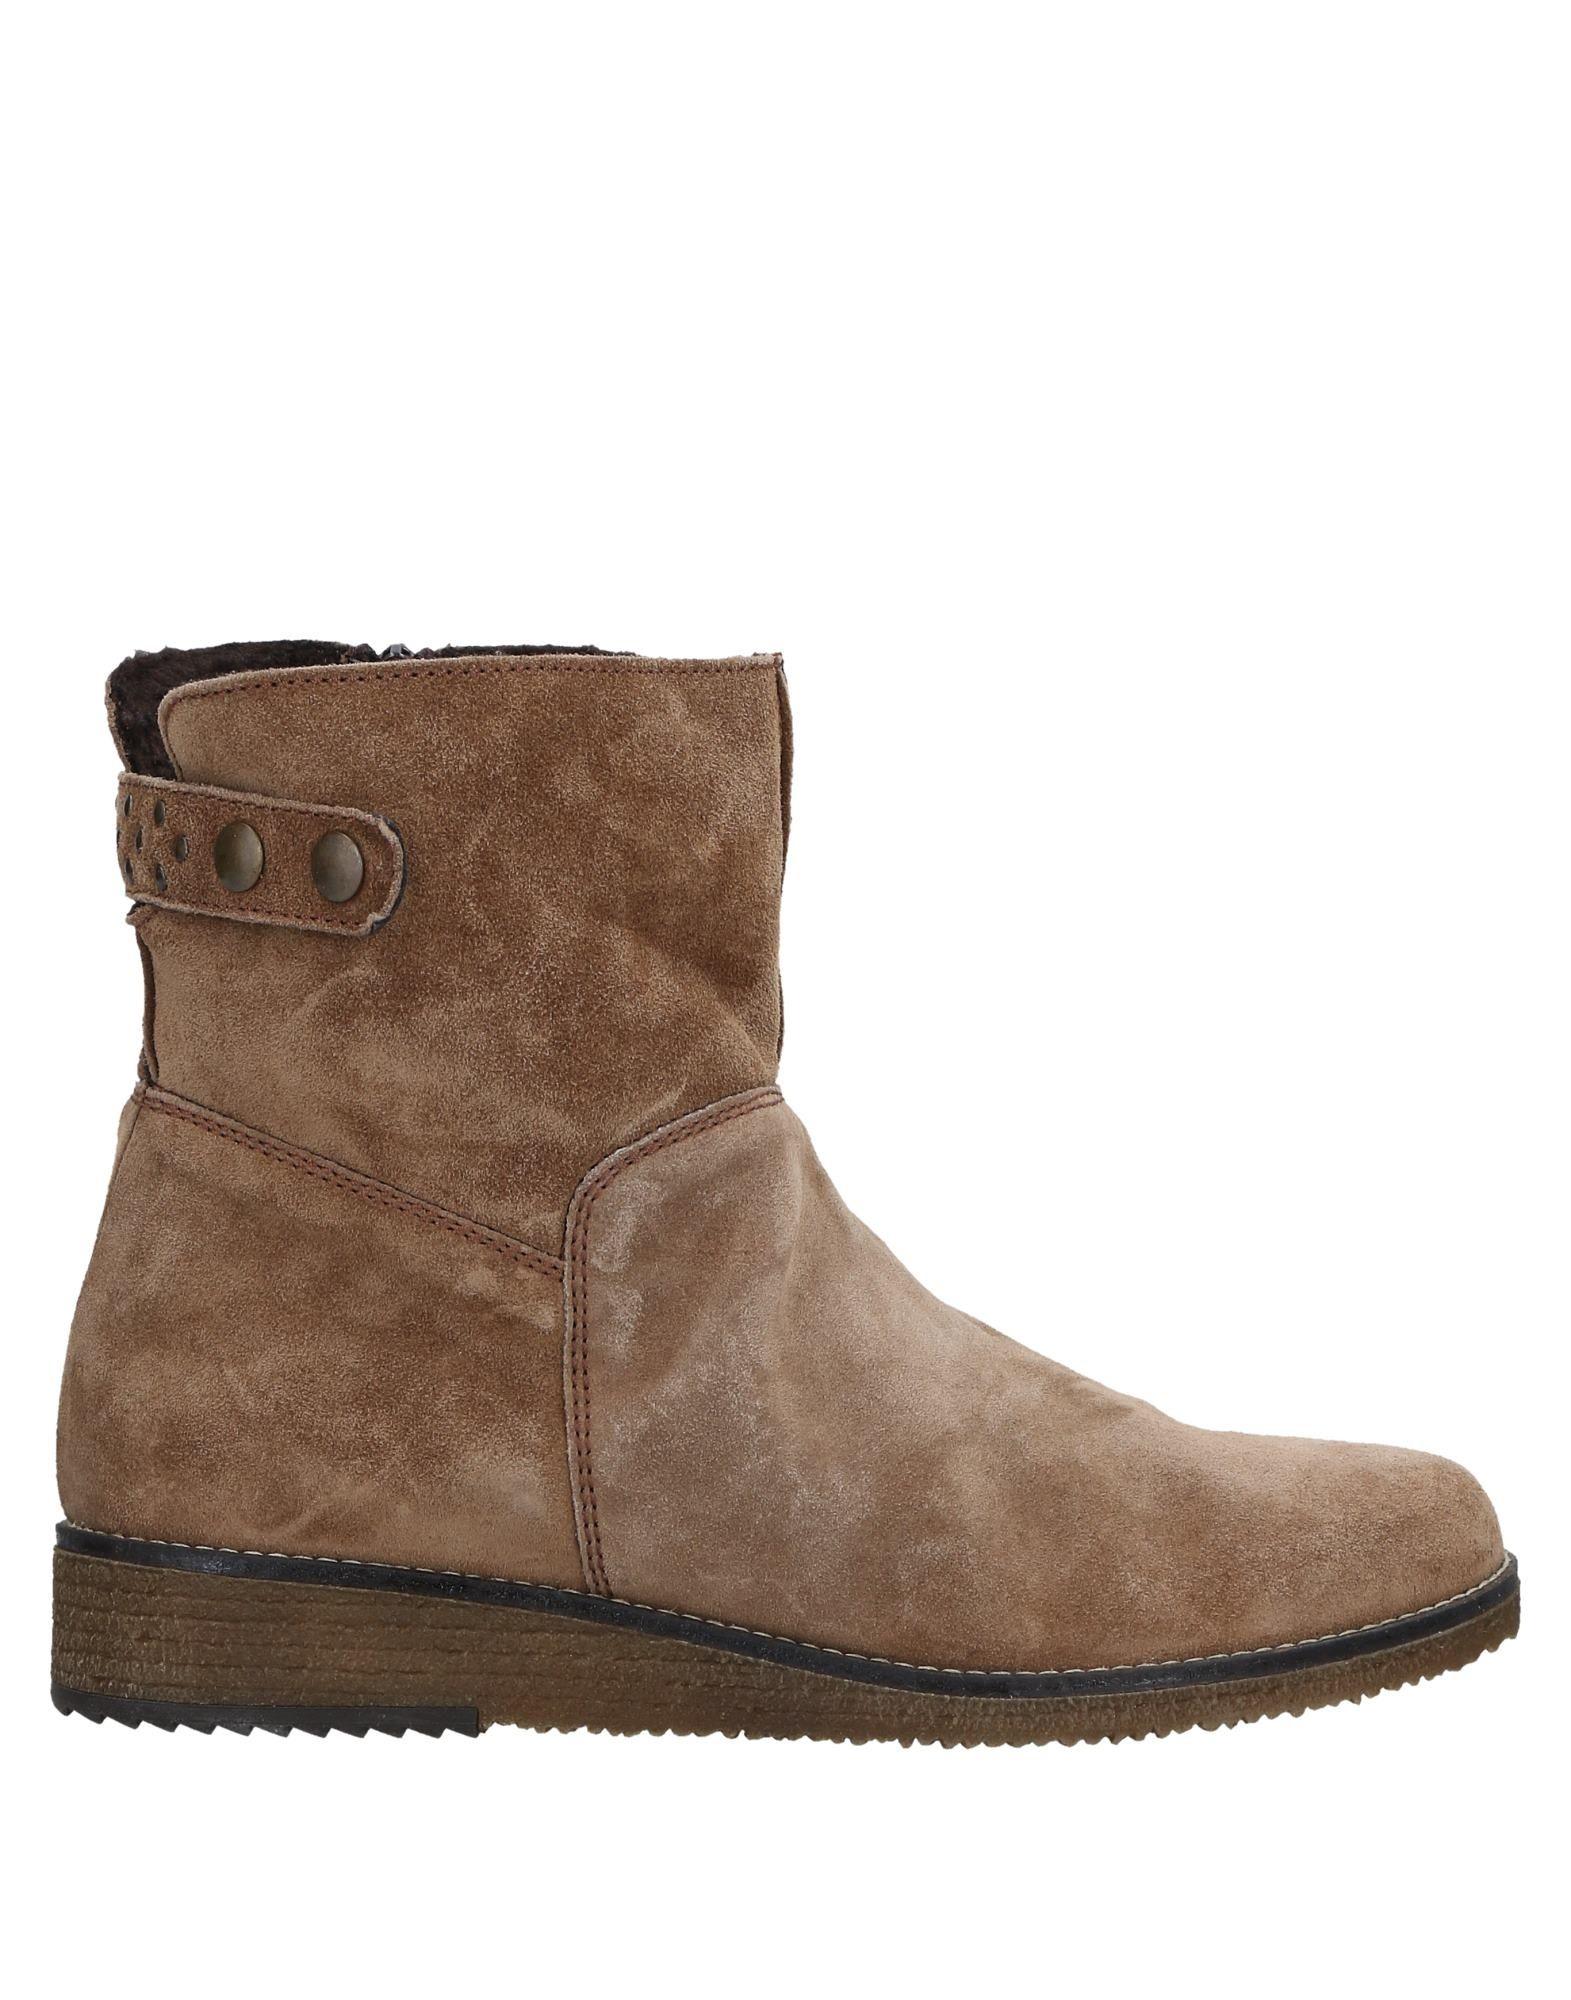 Tosca Blu Shoes Stiefelette Damen  11538034DU Gute Qualität beliebte Schuhe